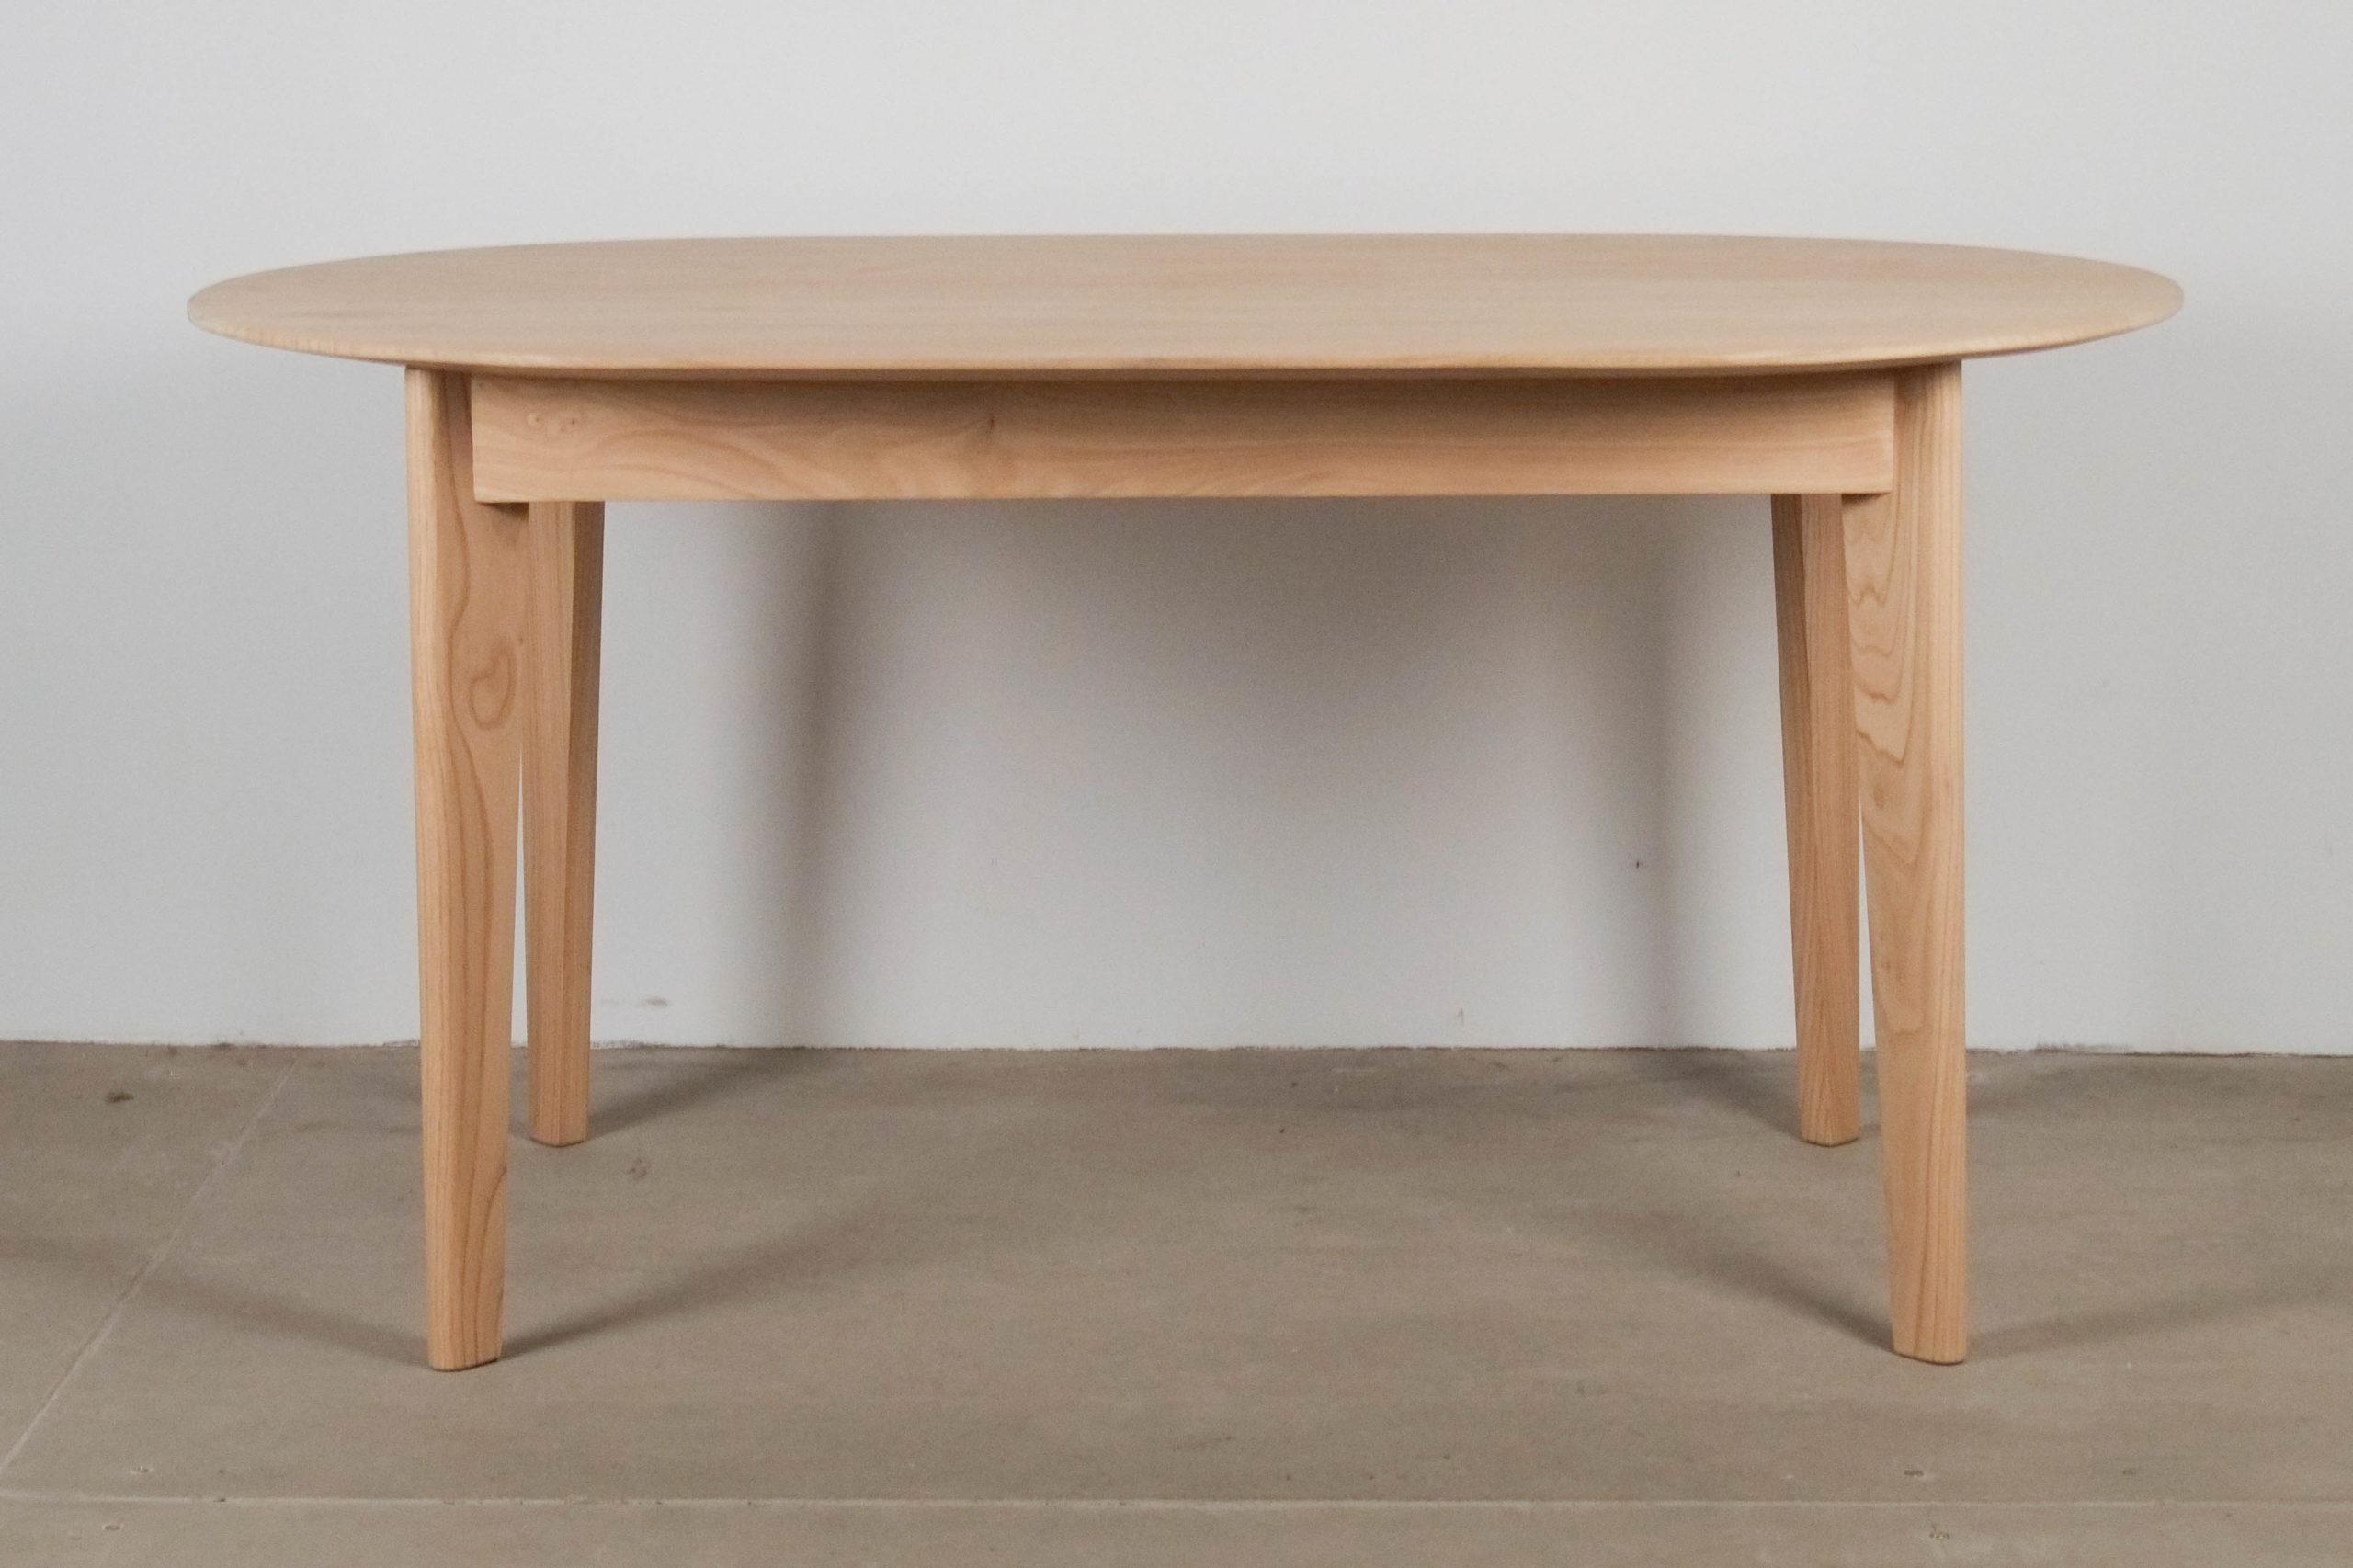 mesa de madera hecha a mano castaño diseño mesa de cocina